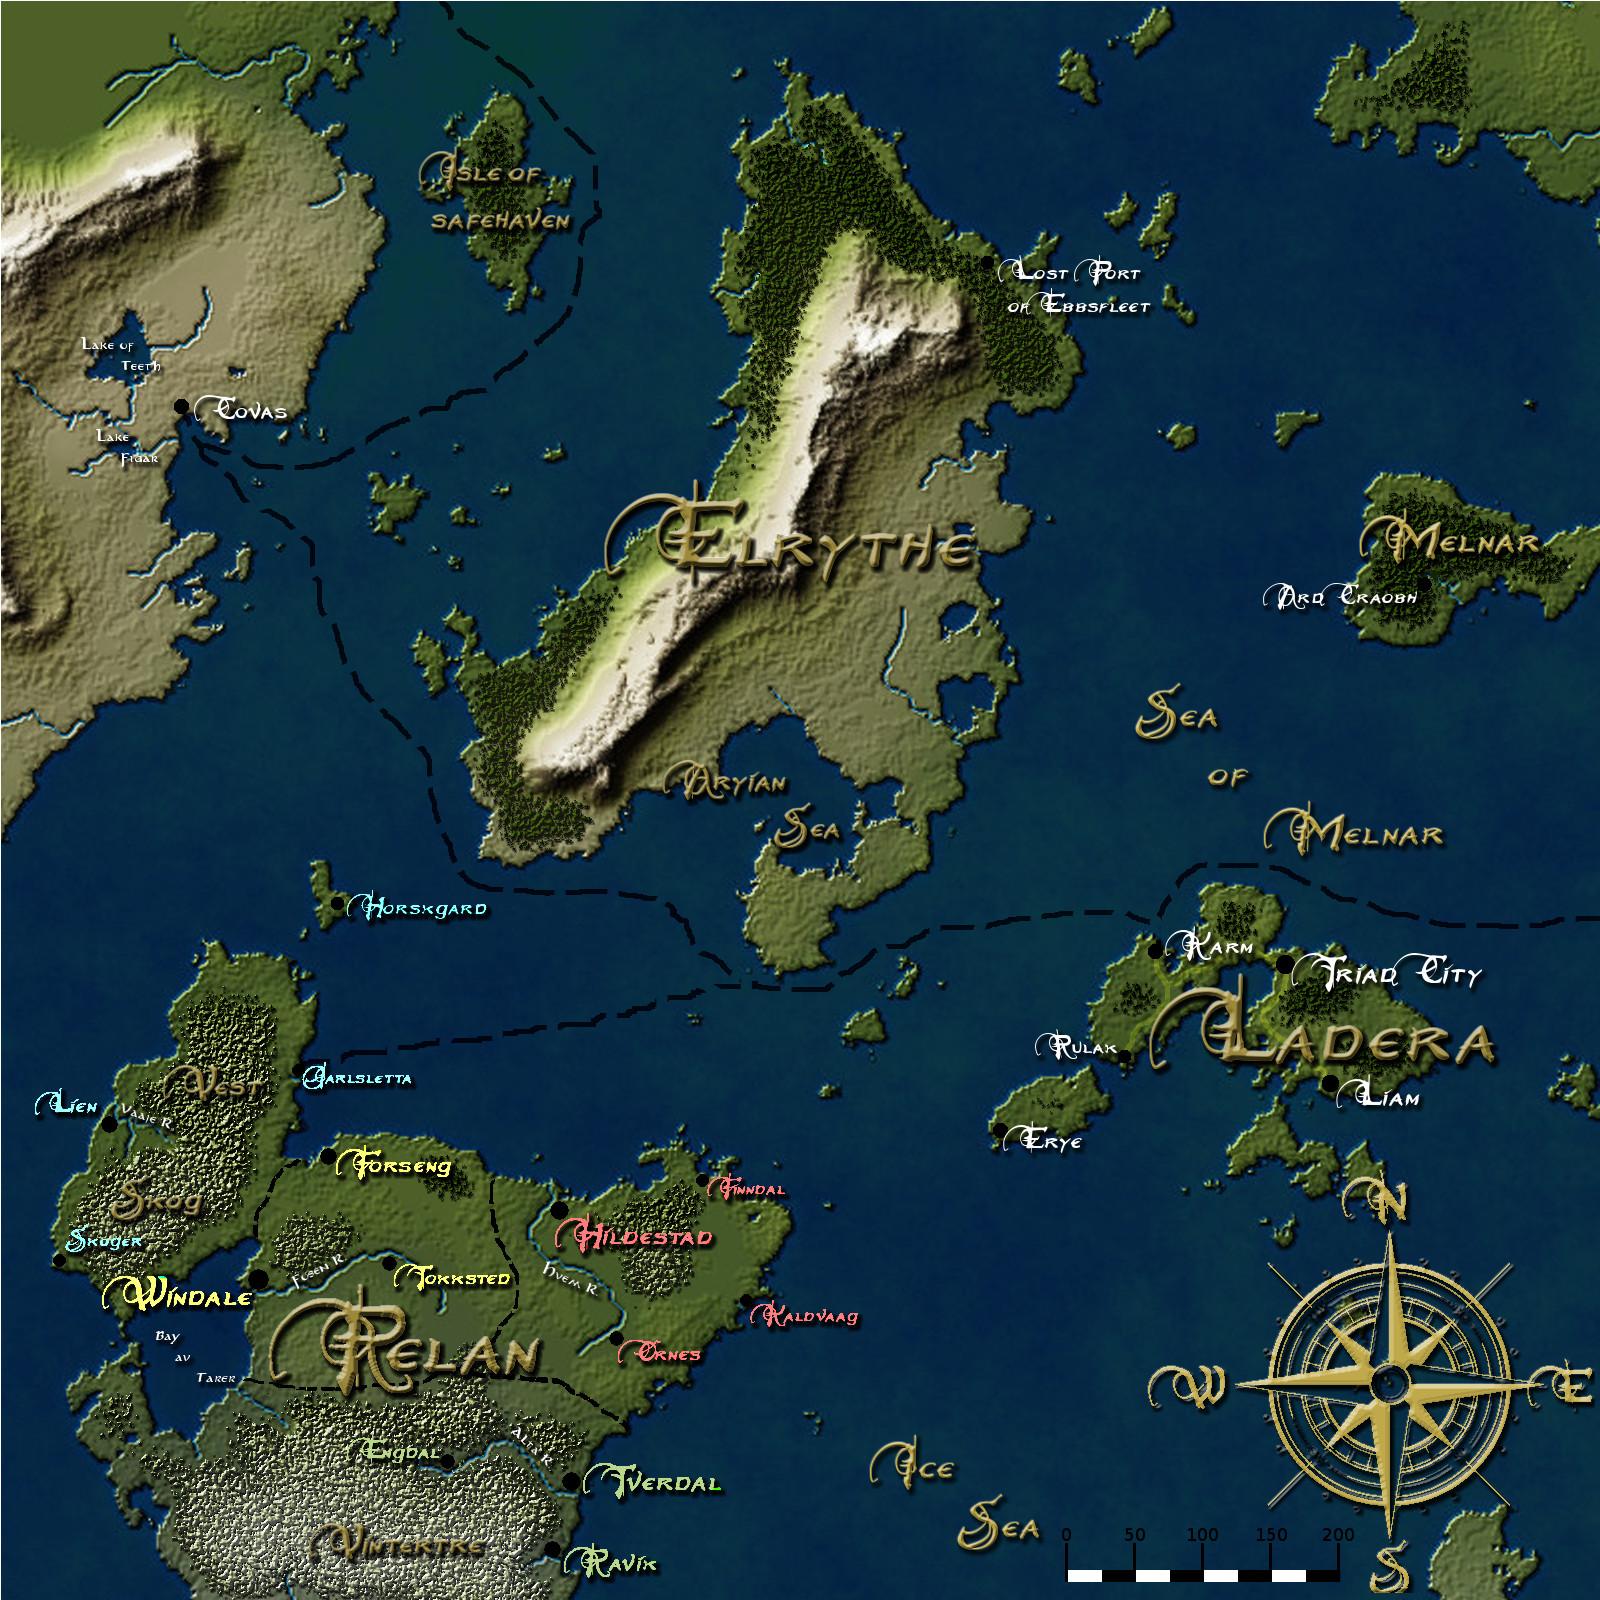 Island Region 2